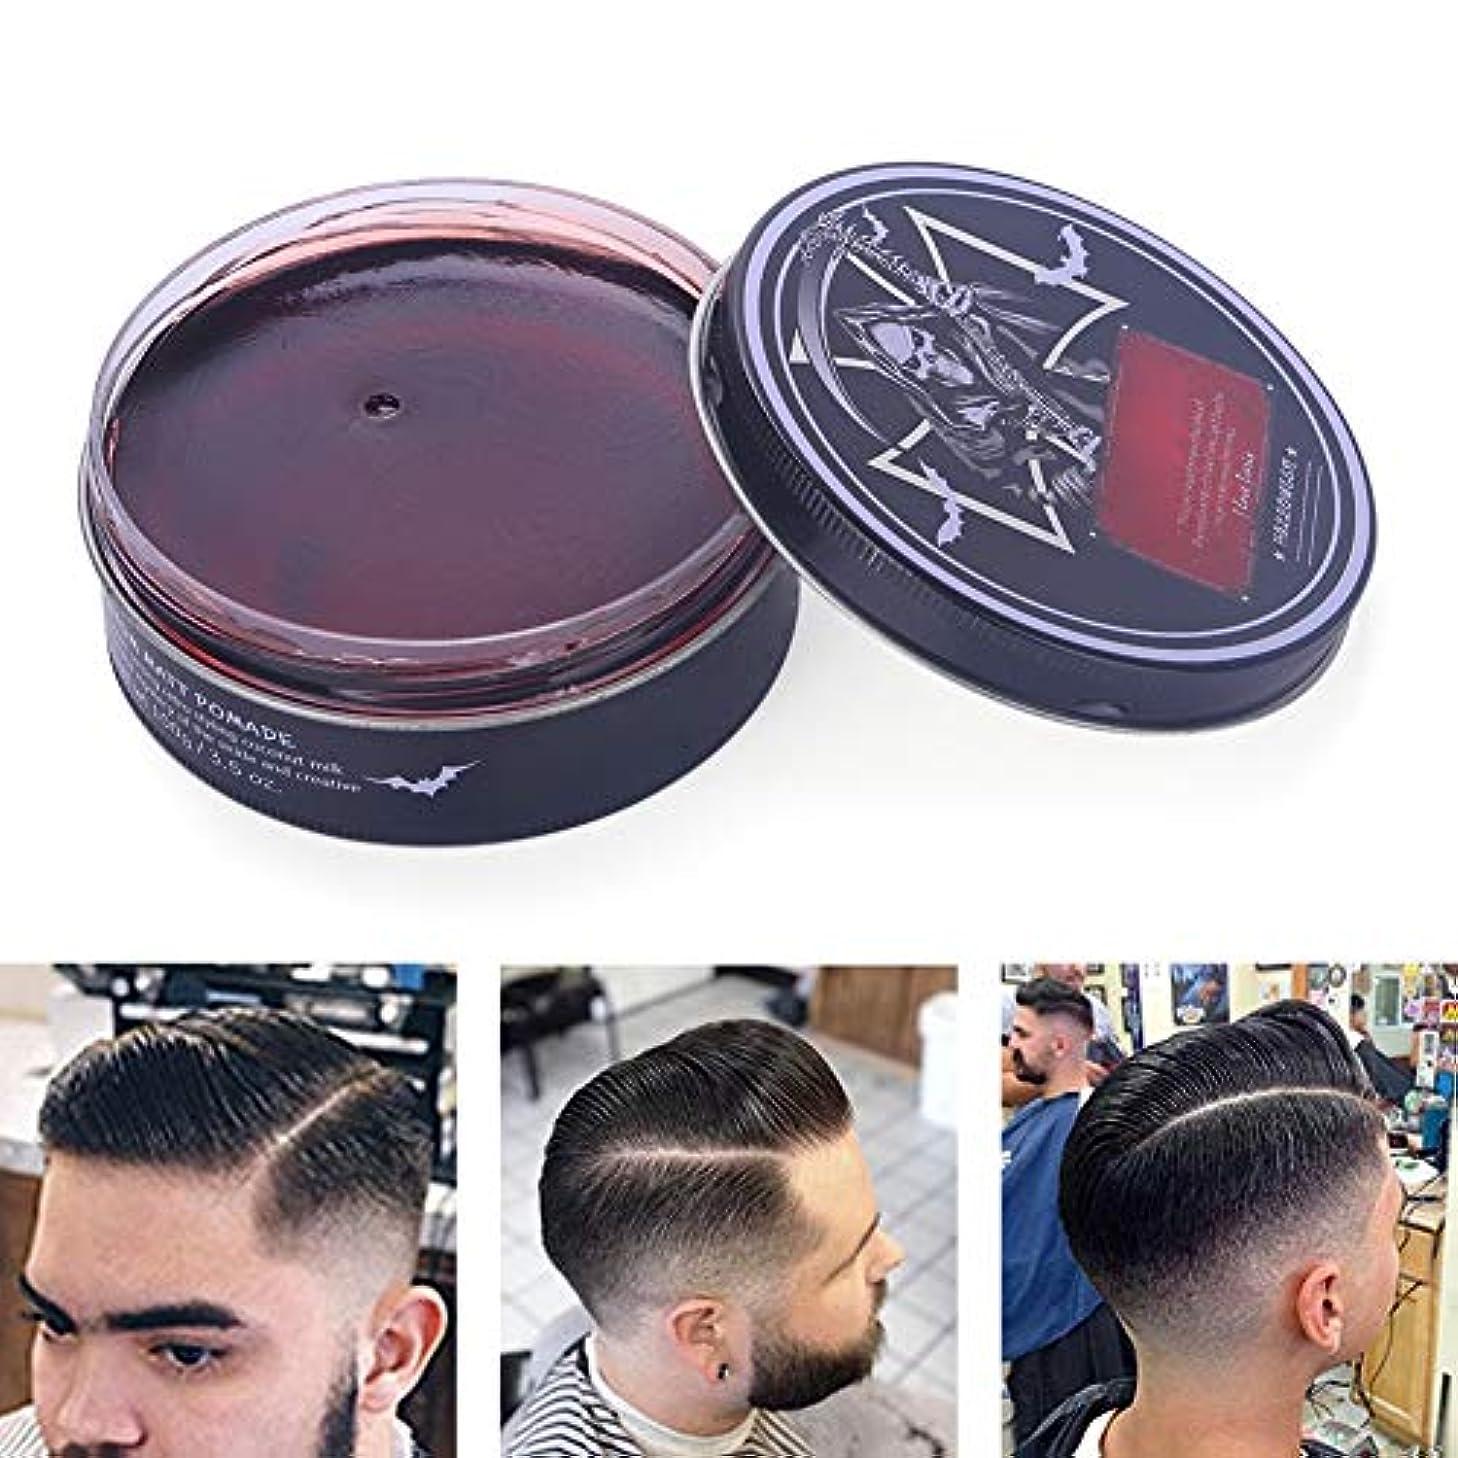 ヒロイン骨髄ルートプロのヘアスタイリング100ミリリットルを設計するための男性のためのヘアスタイリングワックス、ナチュラルおよび有機成分ヘアスタイリング粘土